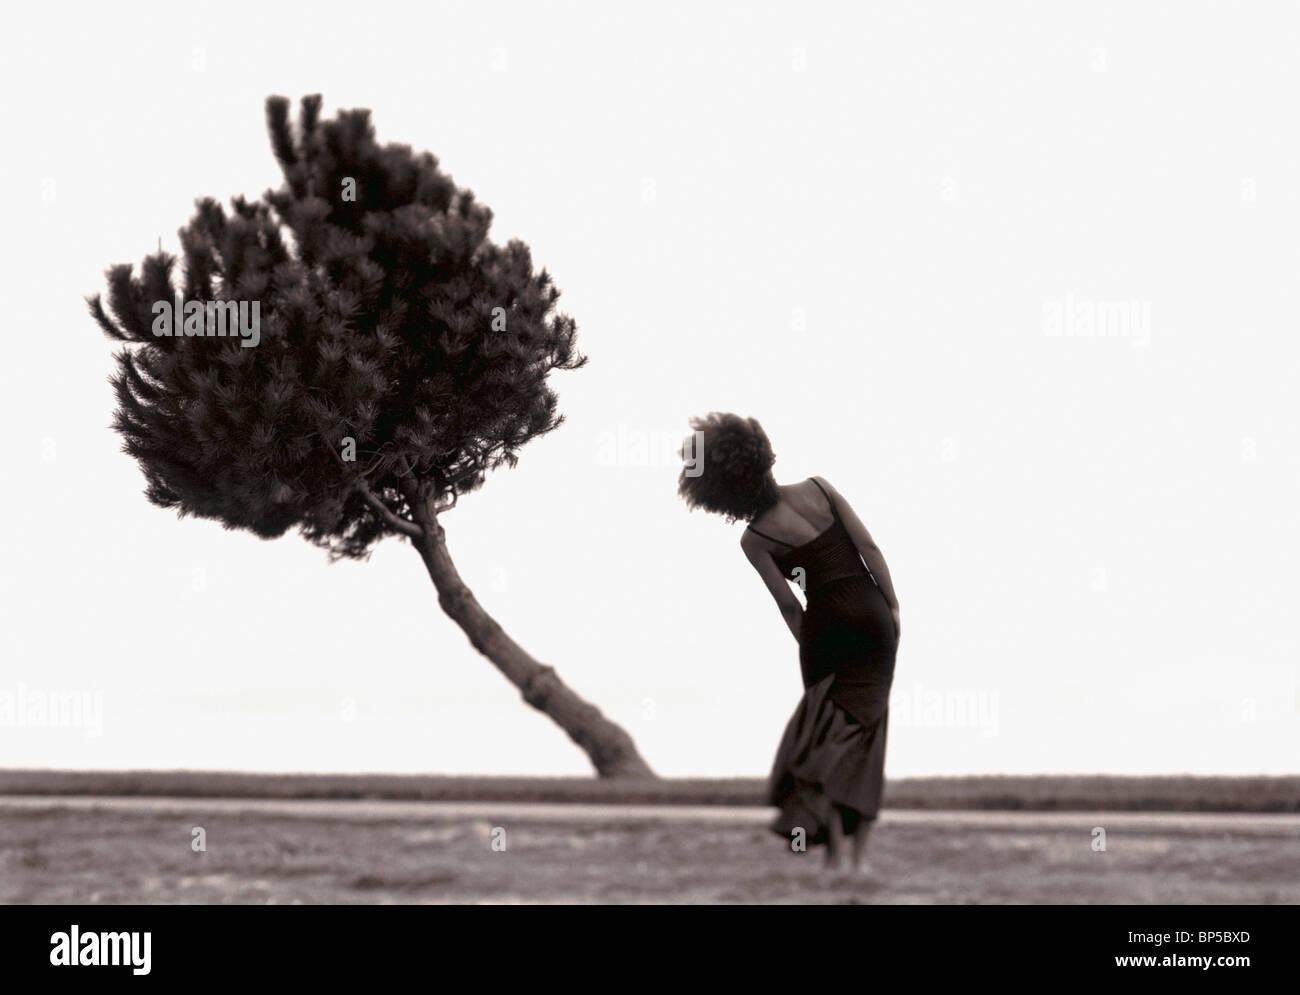 Frau in Landschaft Körper biegen biegen Baum zu imitieren. Stockbild